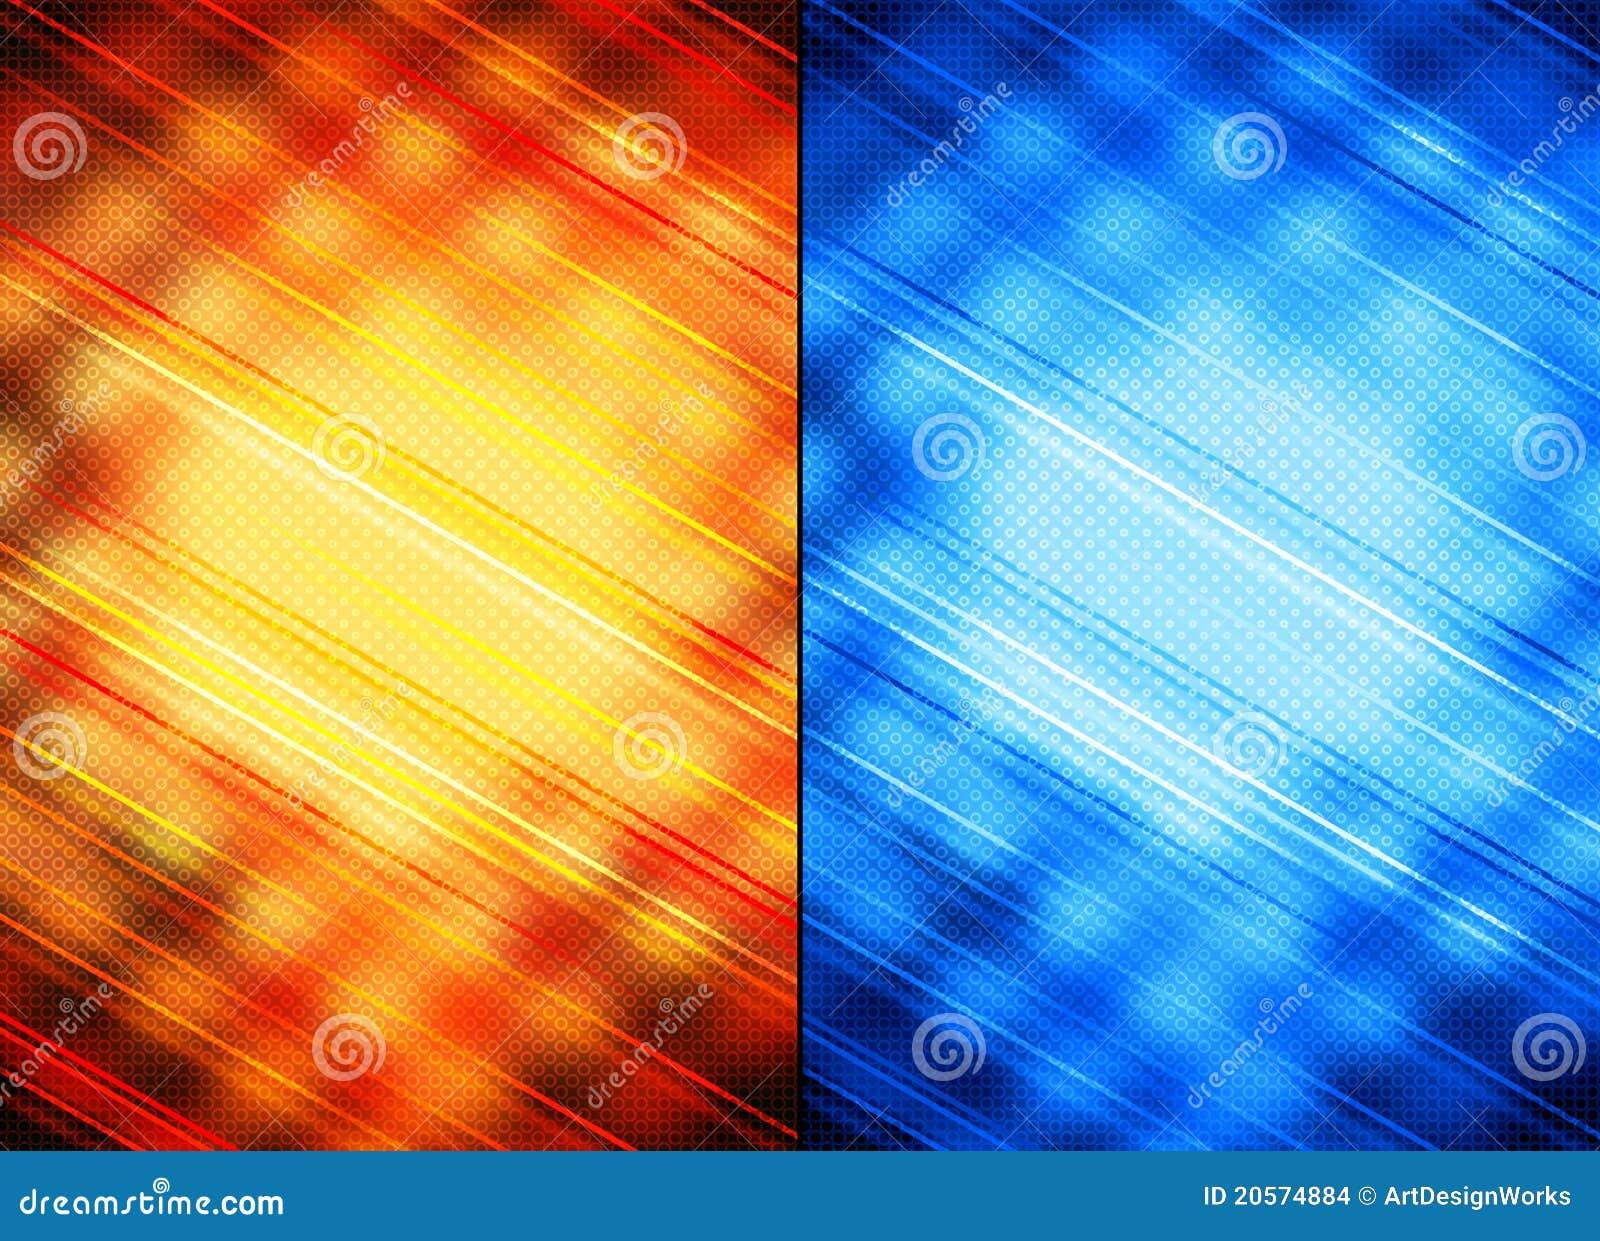 抽象背景蓝色桔子